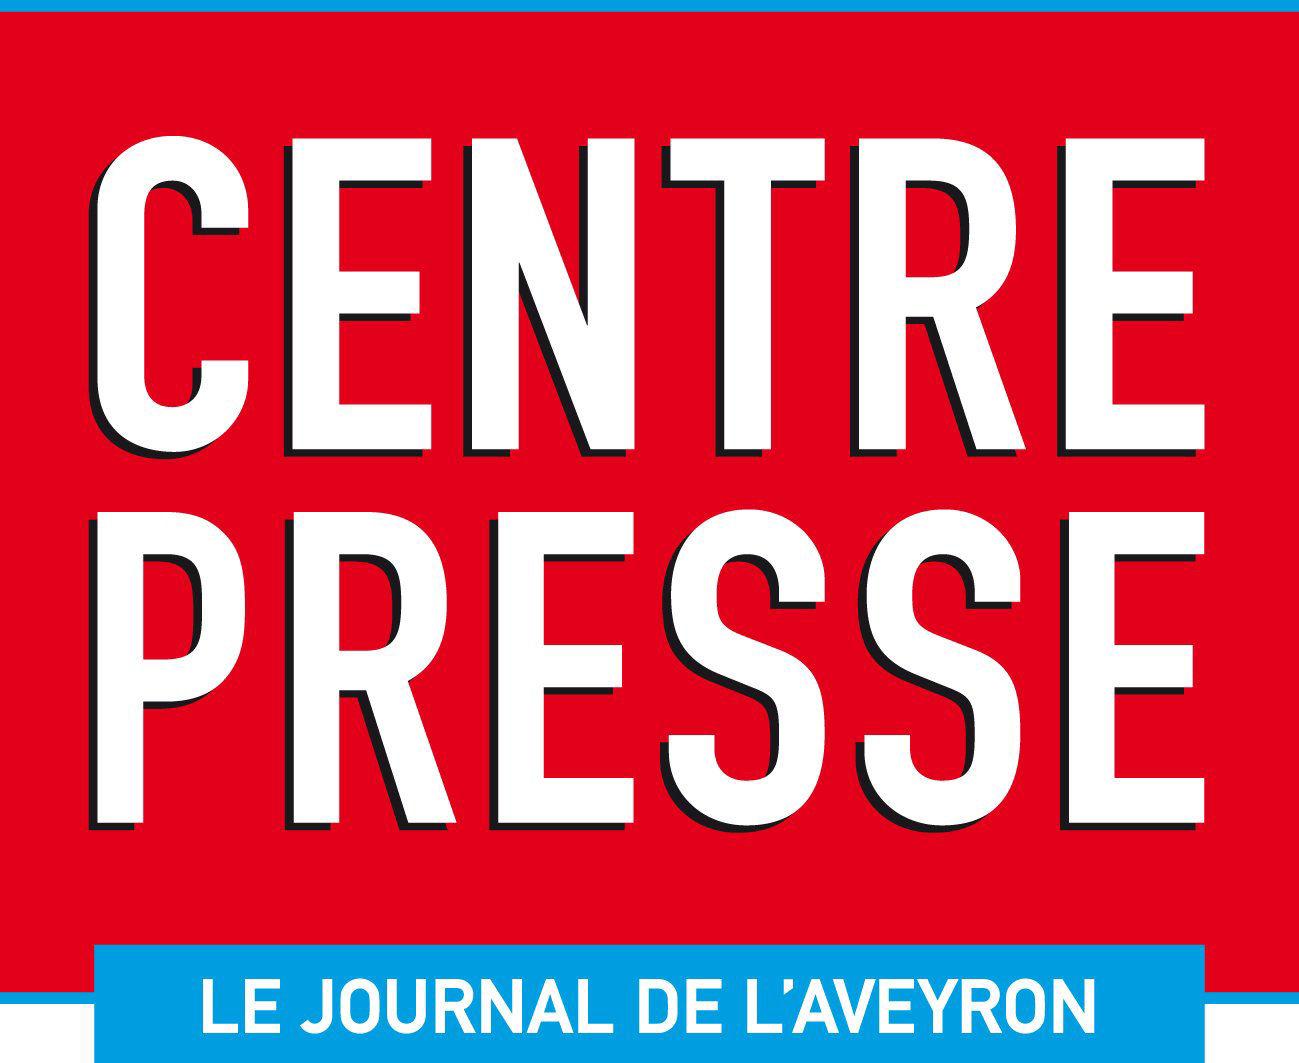 Centre presse aveyron - Le journal de l aveyron ...